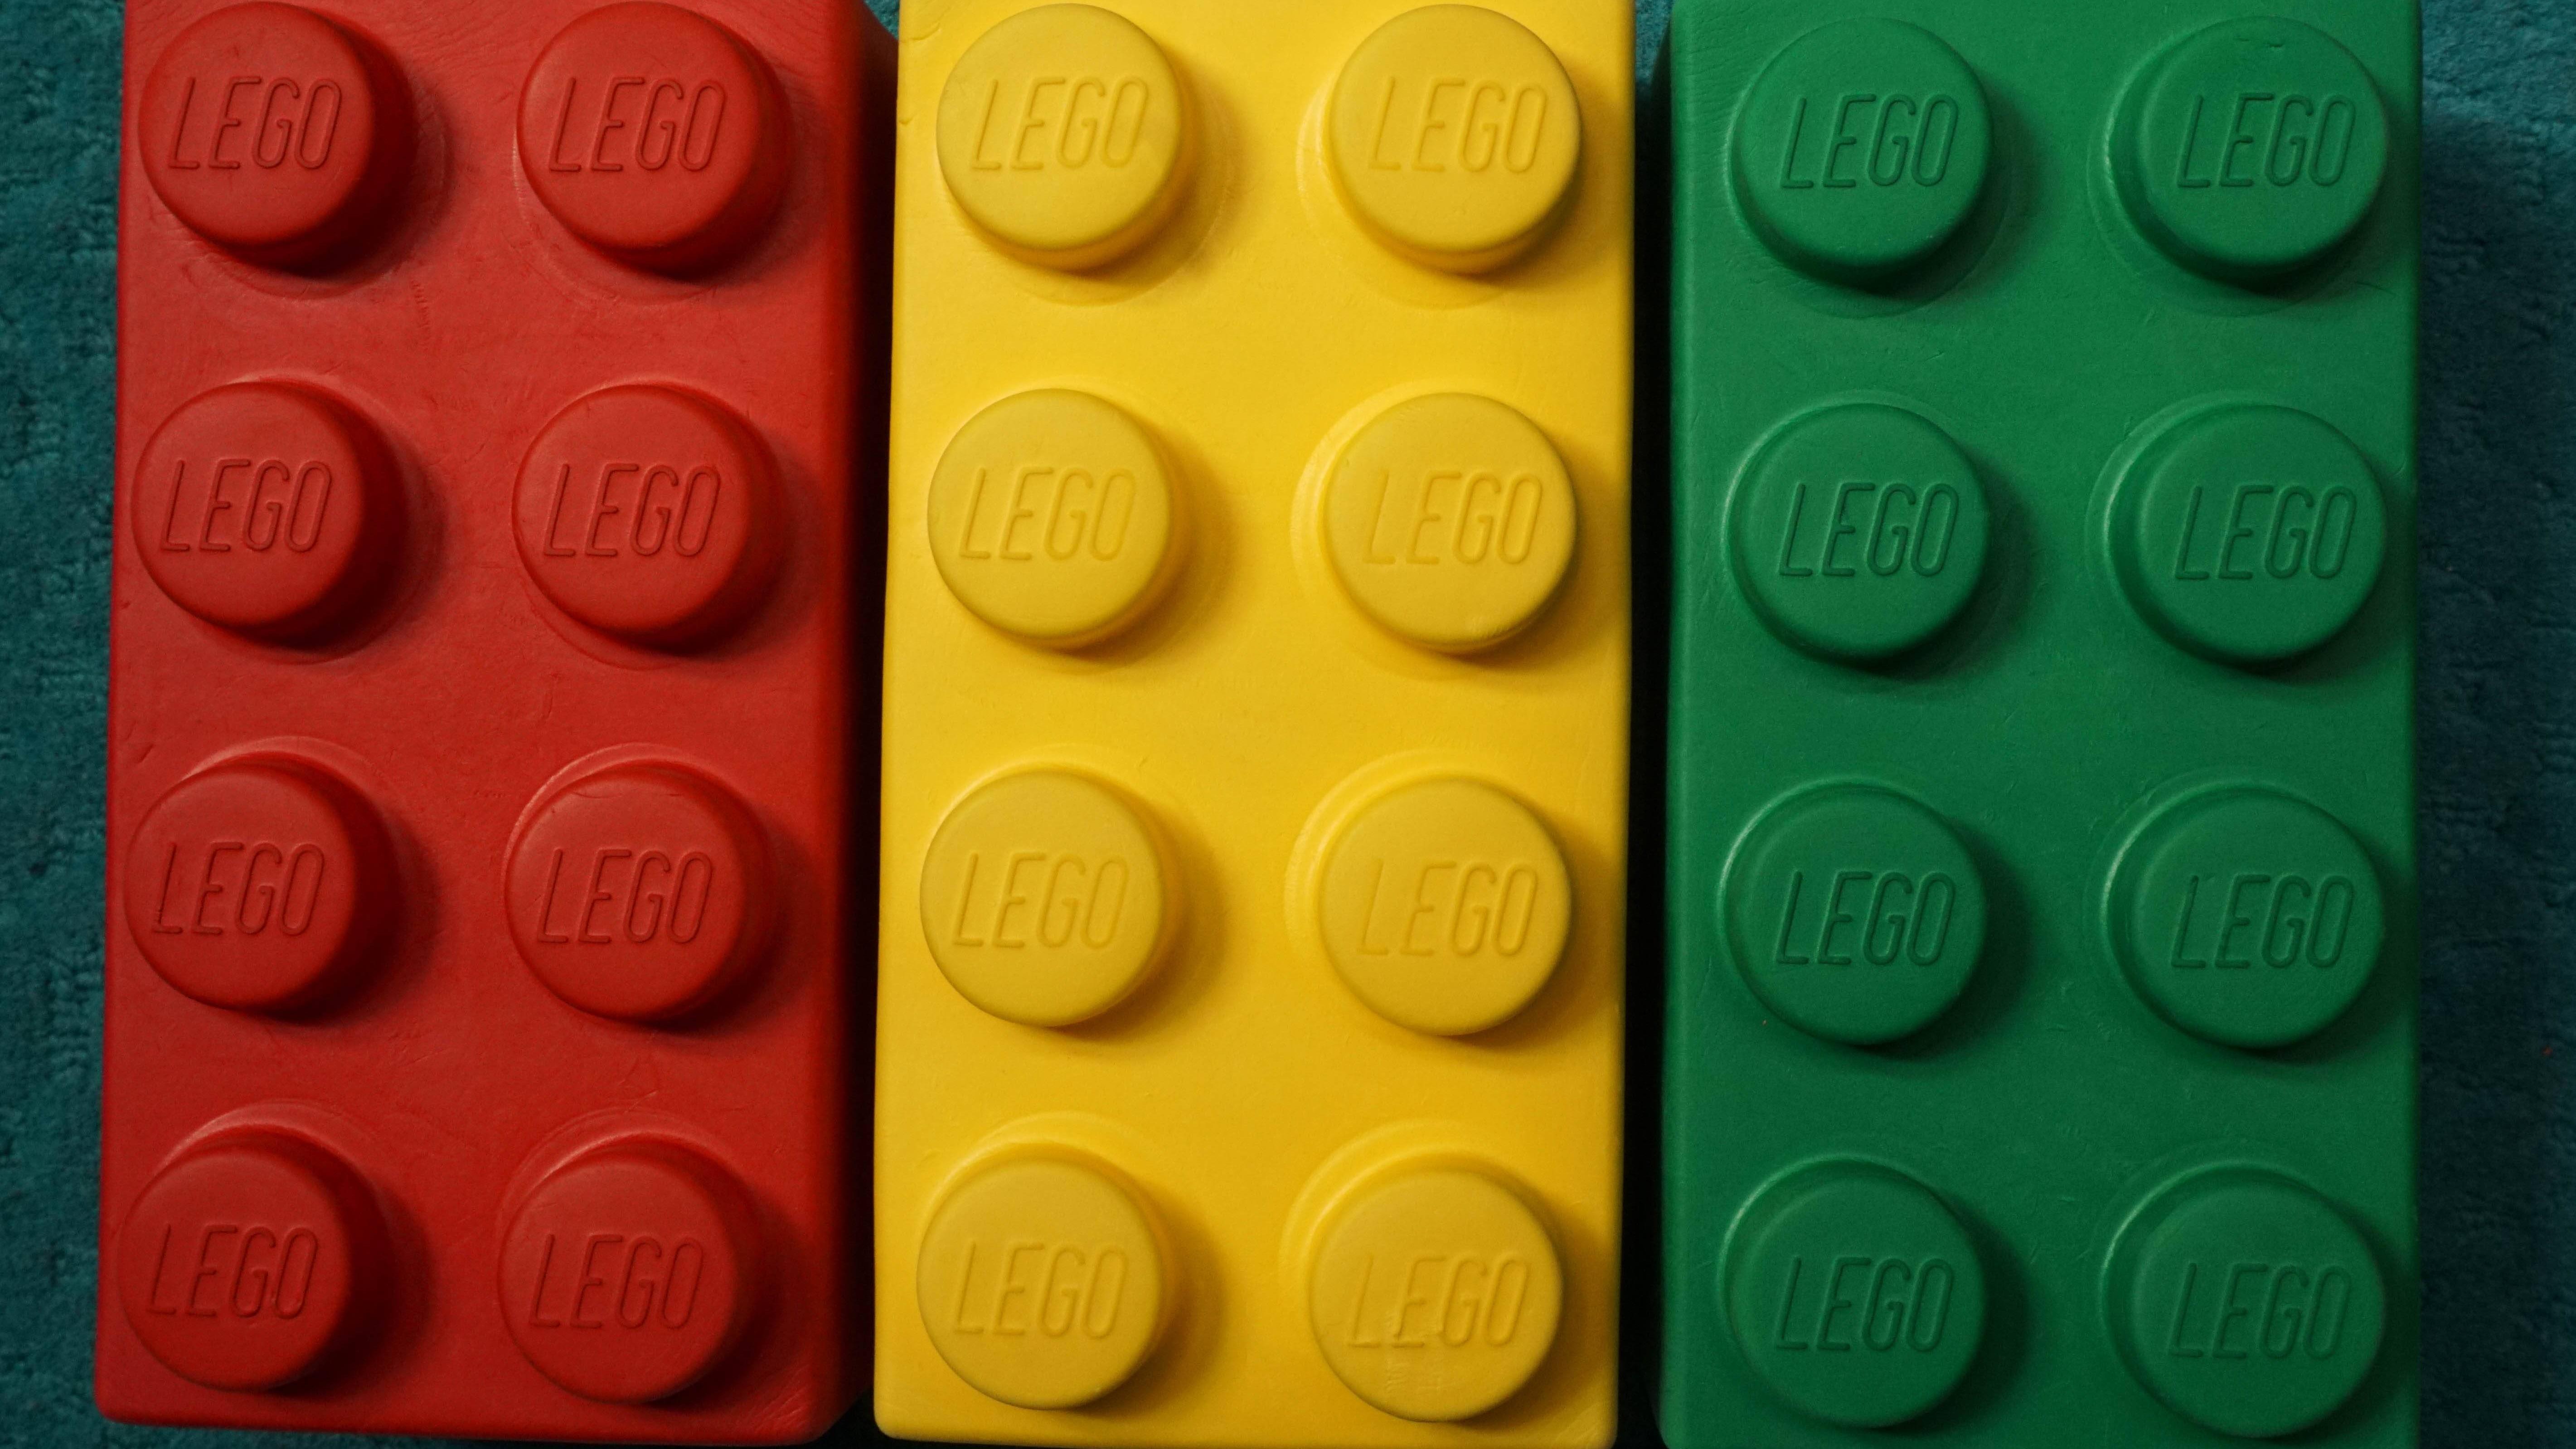 LEGO bekommt Konkurrenz auf dem Klemmbaustein-Markt: Xingbao bietet Steine an, die mit denen des dänischen Originals kompatibel sind.